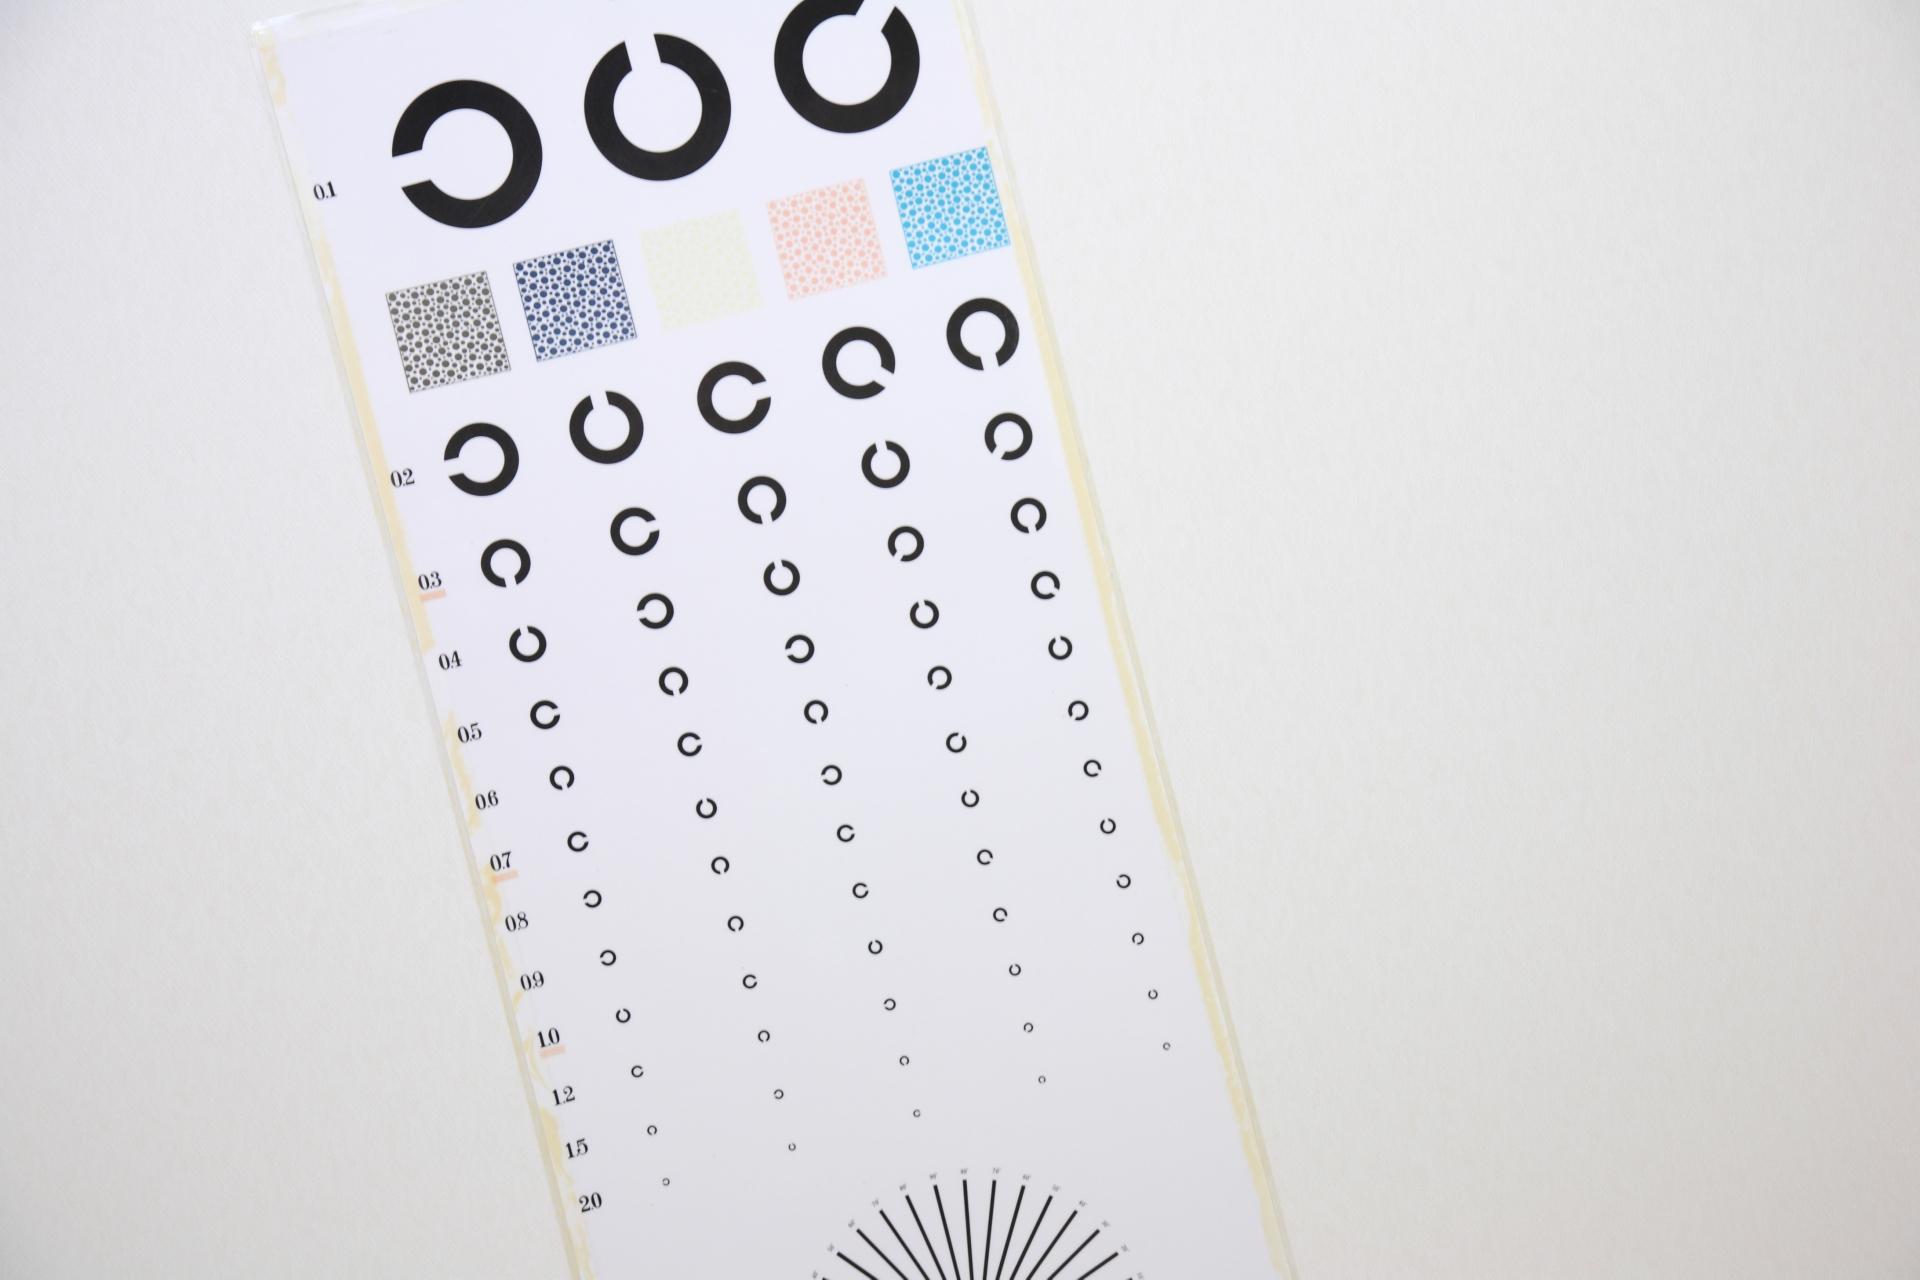 視力検査の表